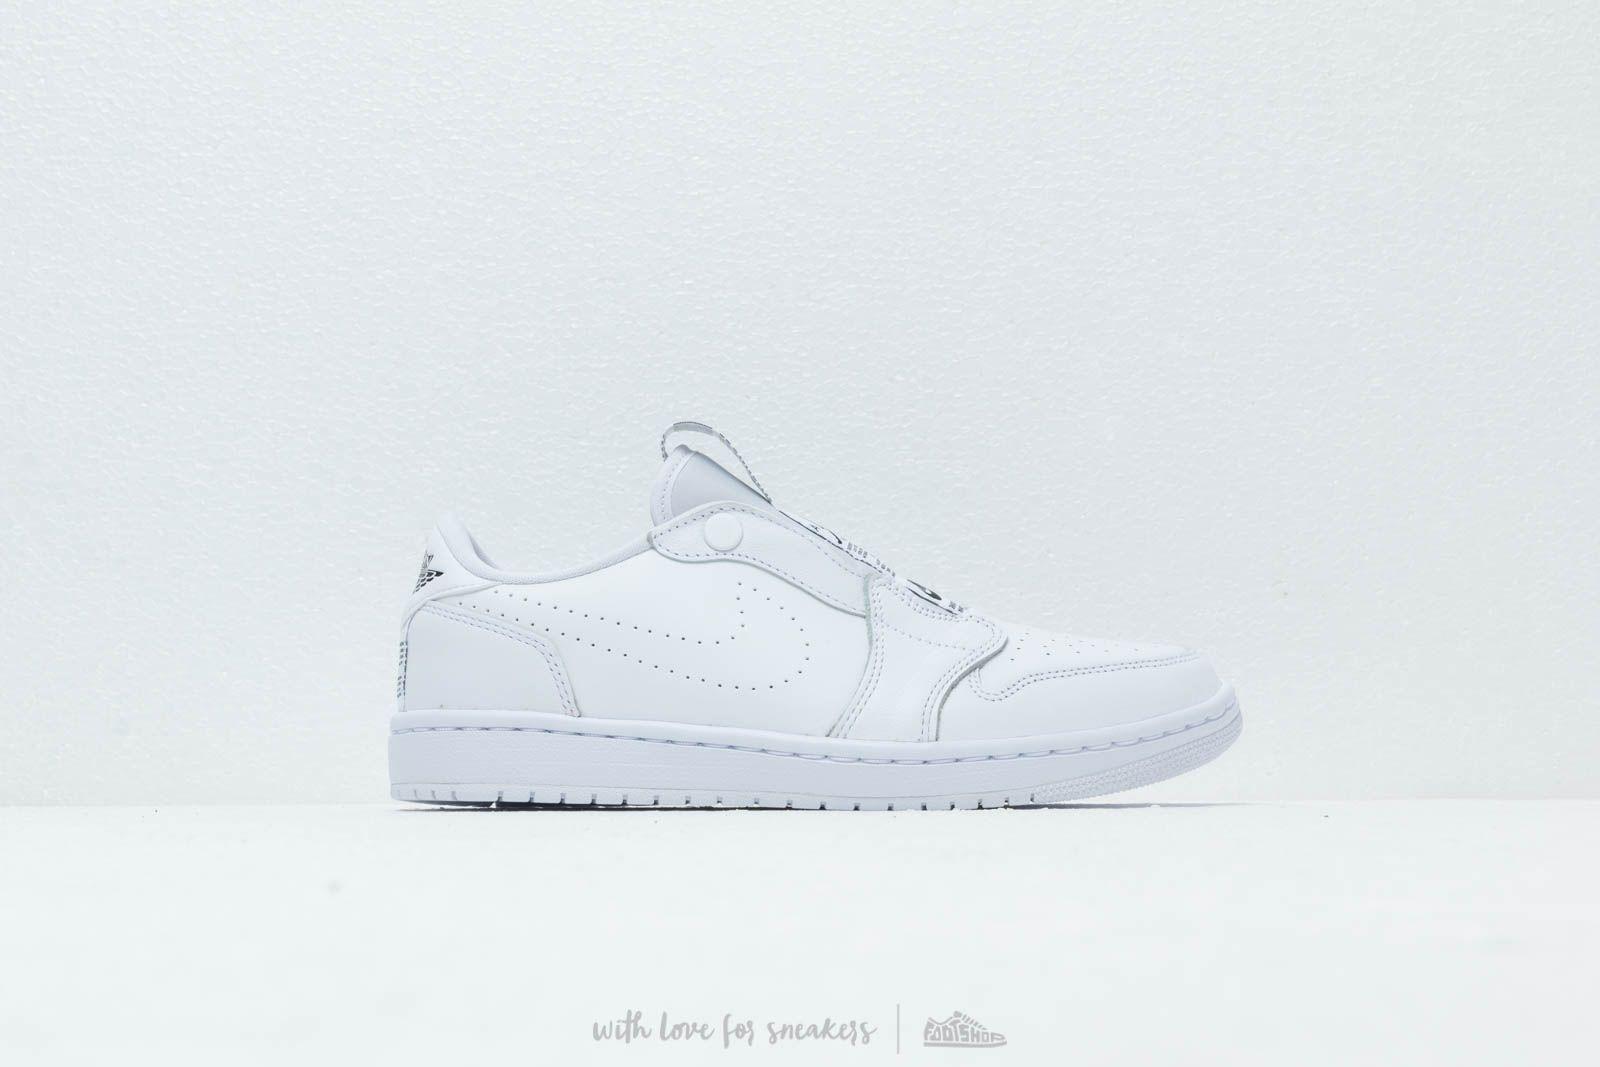 e7124f61e Air Jordan Wmns 1 Ret Low Slip White  Black at a great price 84 €